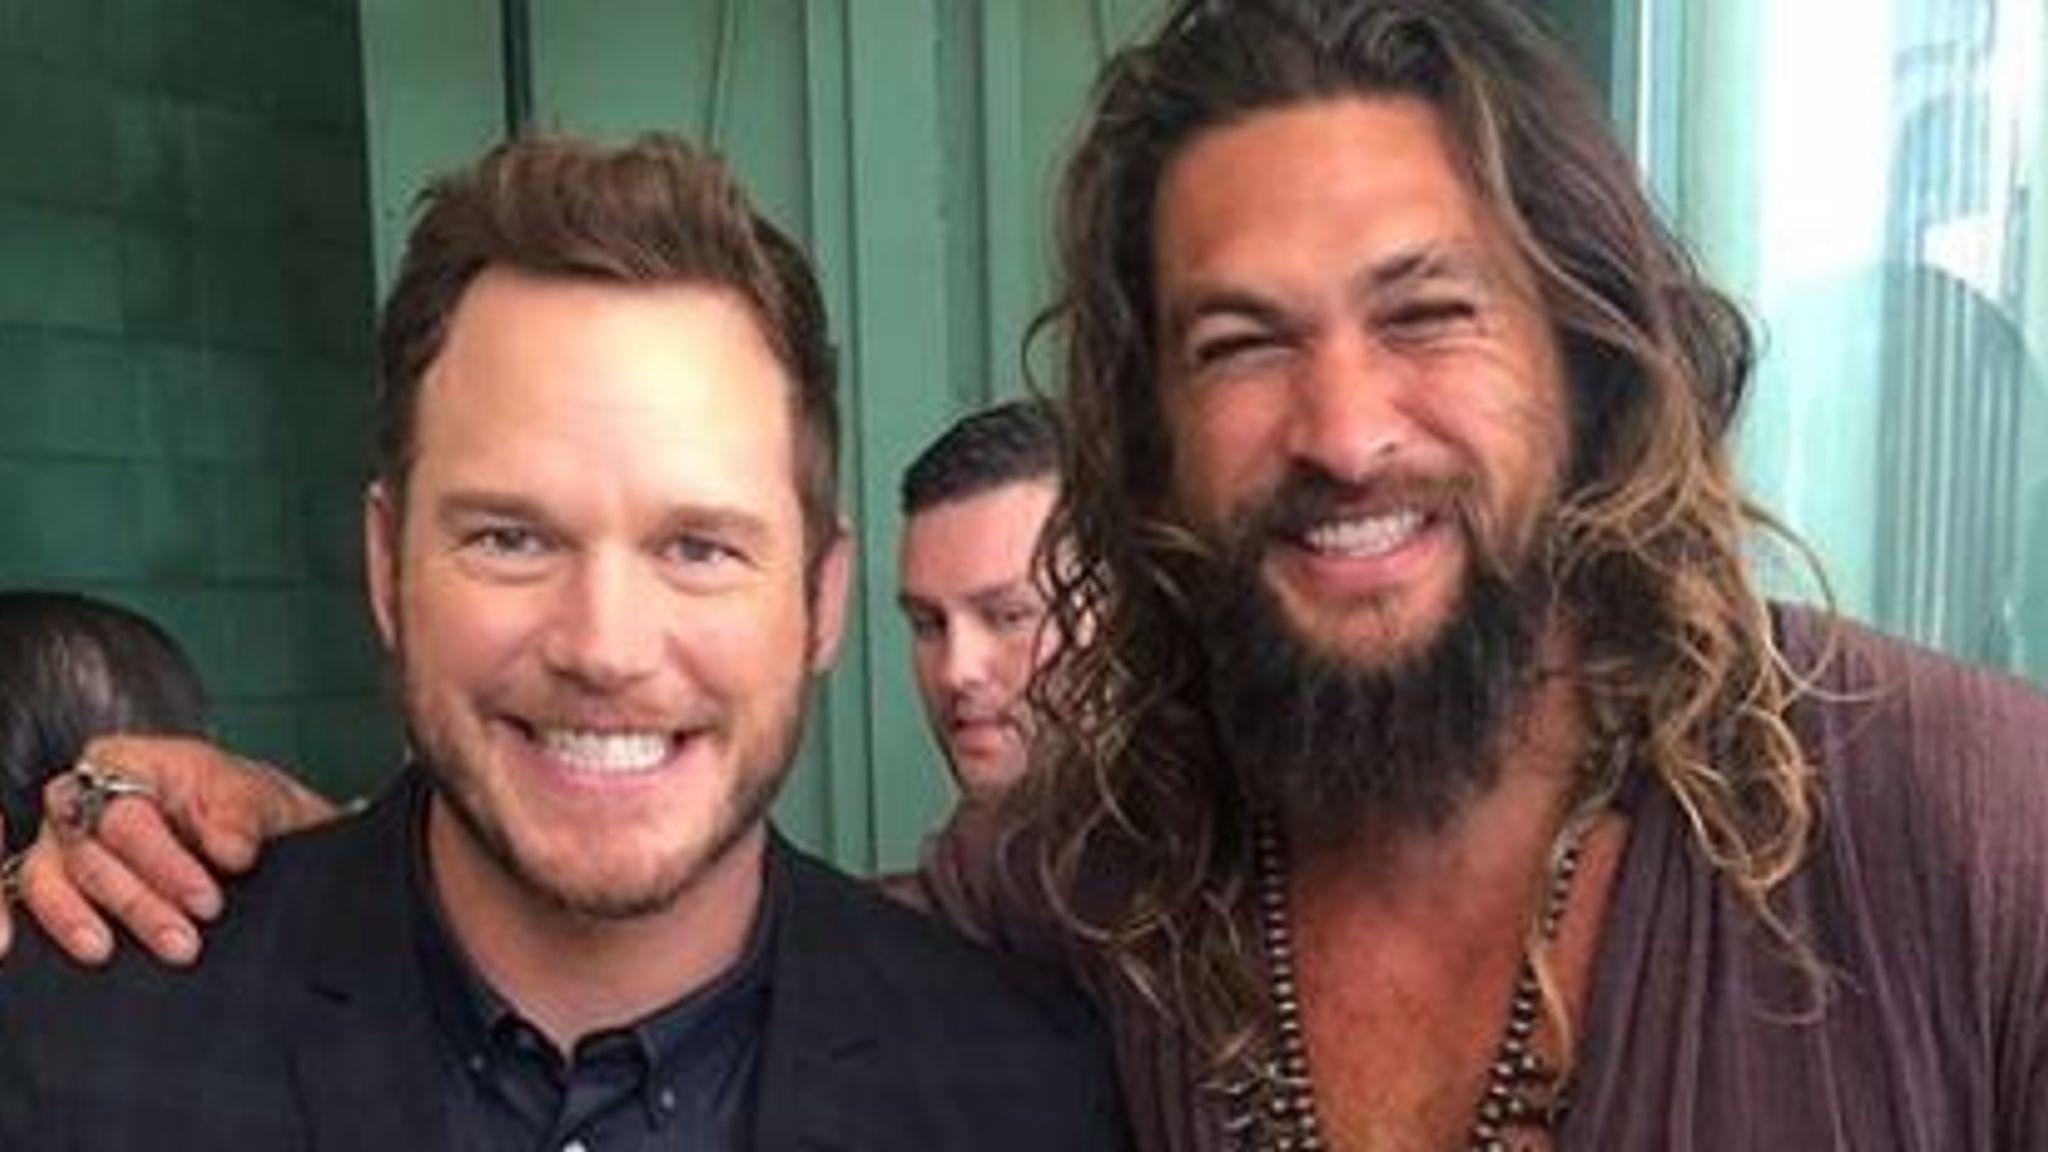 Jason Momoa Sorry For Shaming Chris Pratt Over Single Use Plastic